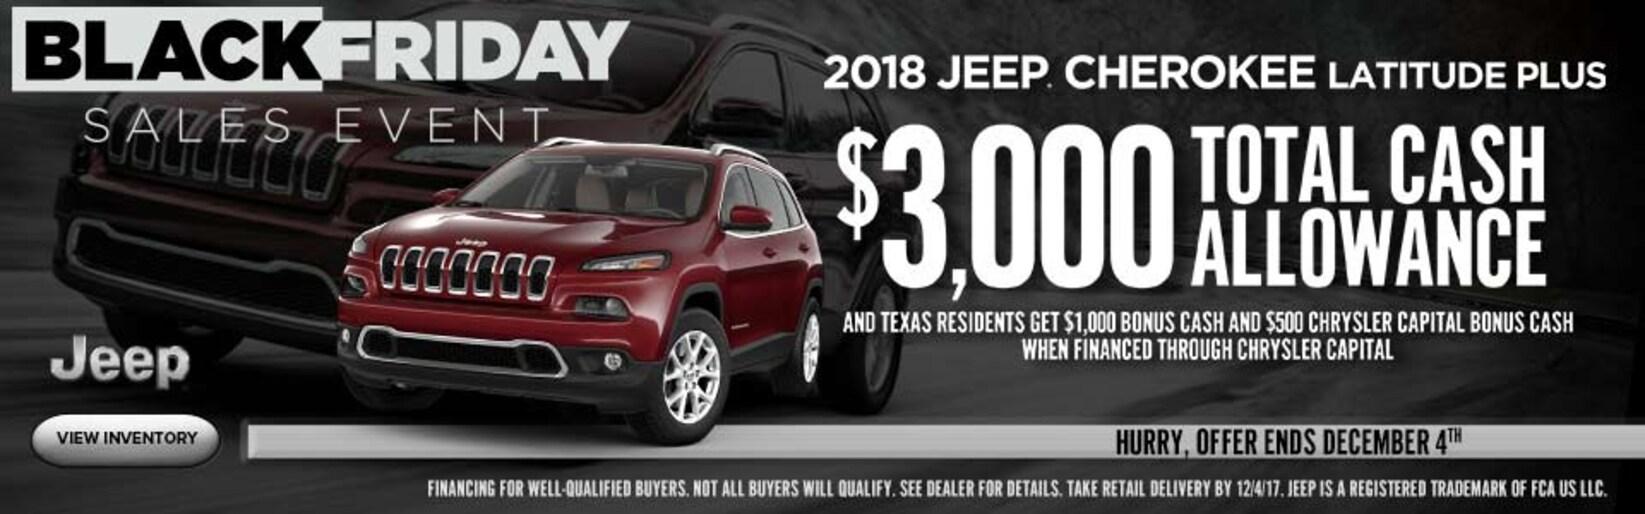 Houstons River Oaks Chrysler Jeep Dodge Ram New  Used Car